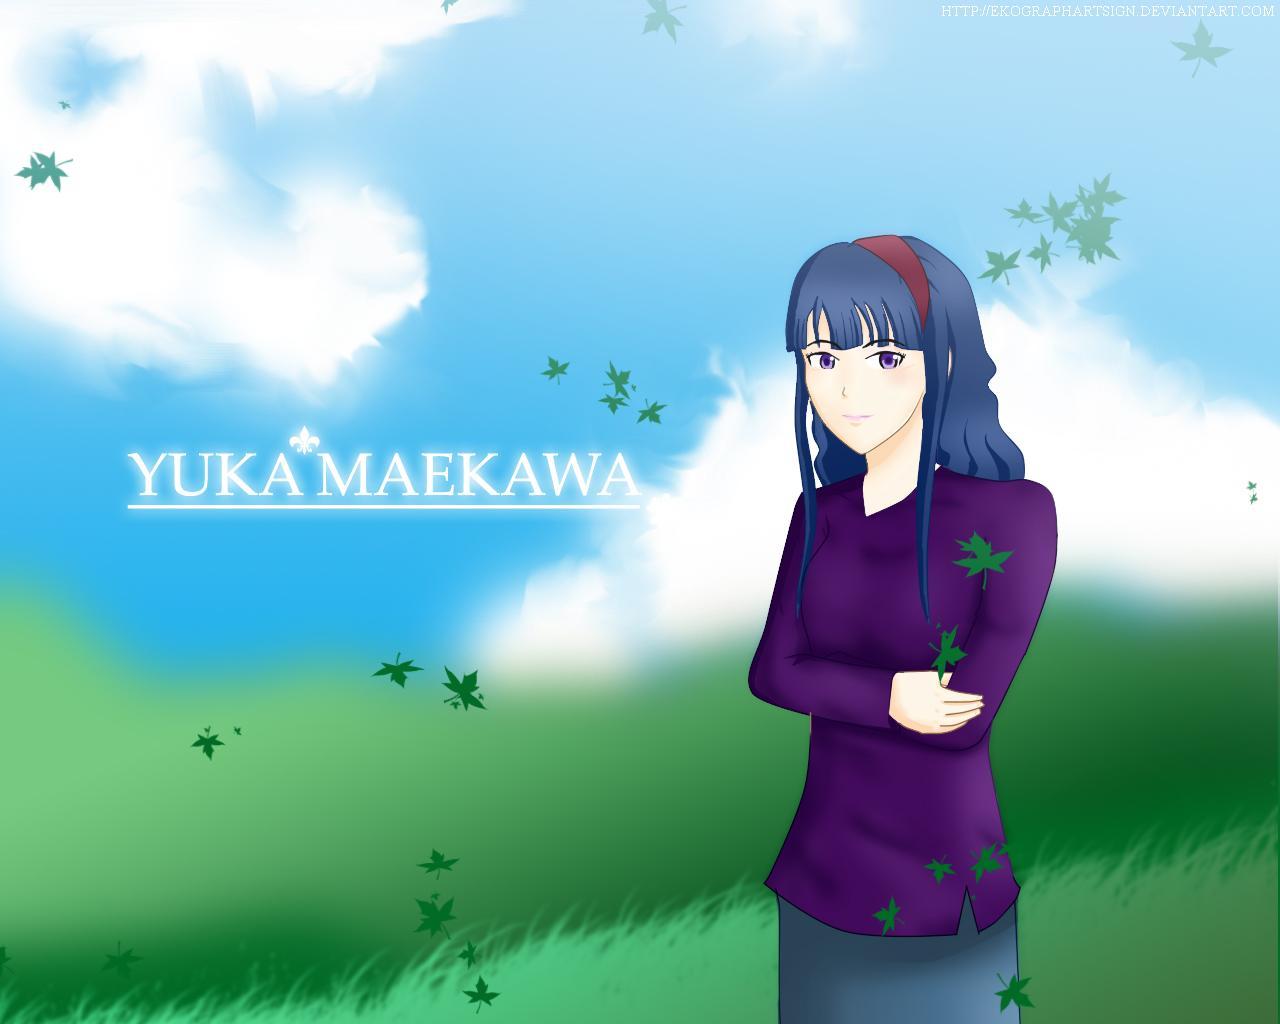 Anime CG from EKOGRAPHARTSIGN Yuka_maekawa_by_ekographartsign-d2zkxcx